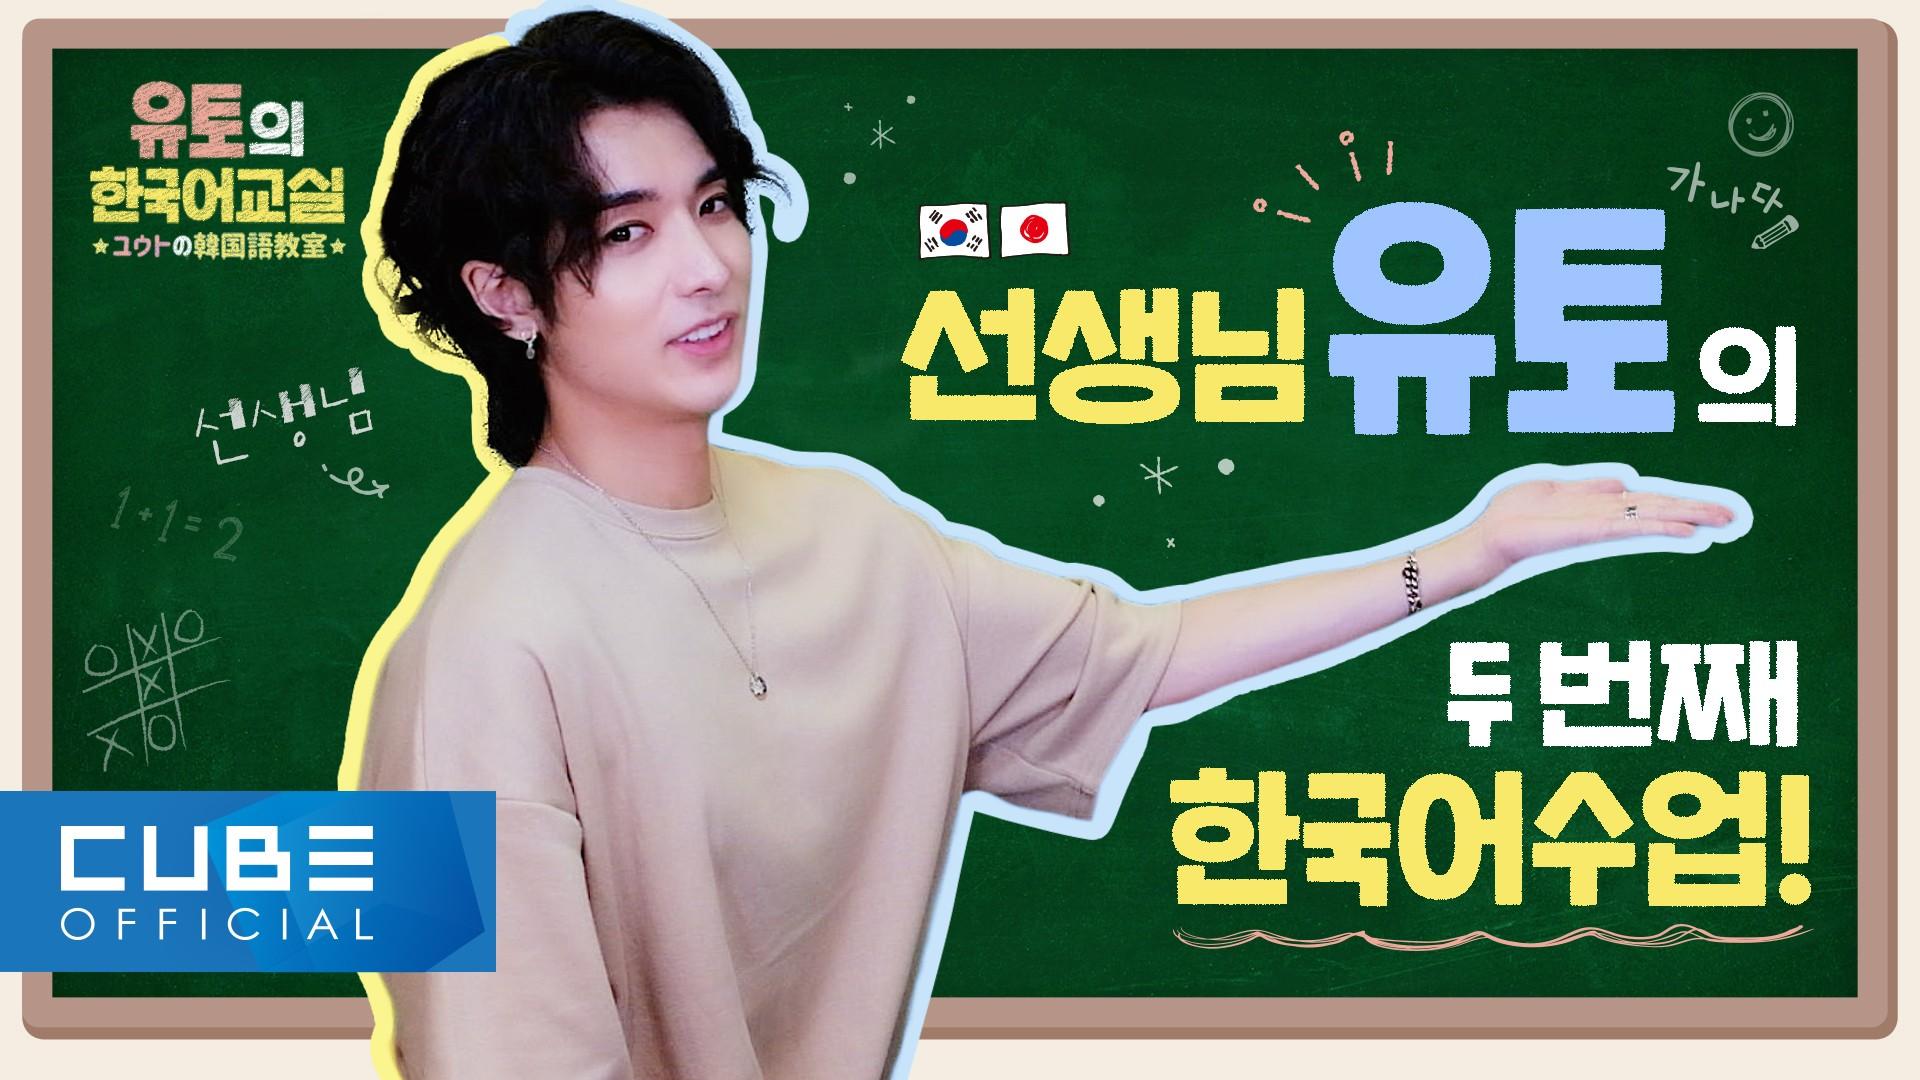 유토의 한국어 교실 - 제 2교시 : 콘서트장에 갈 때 🎫